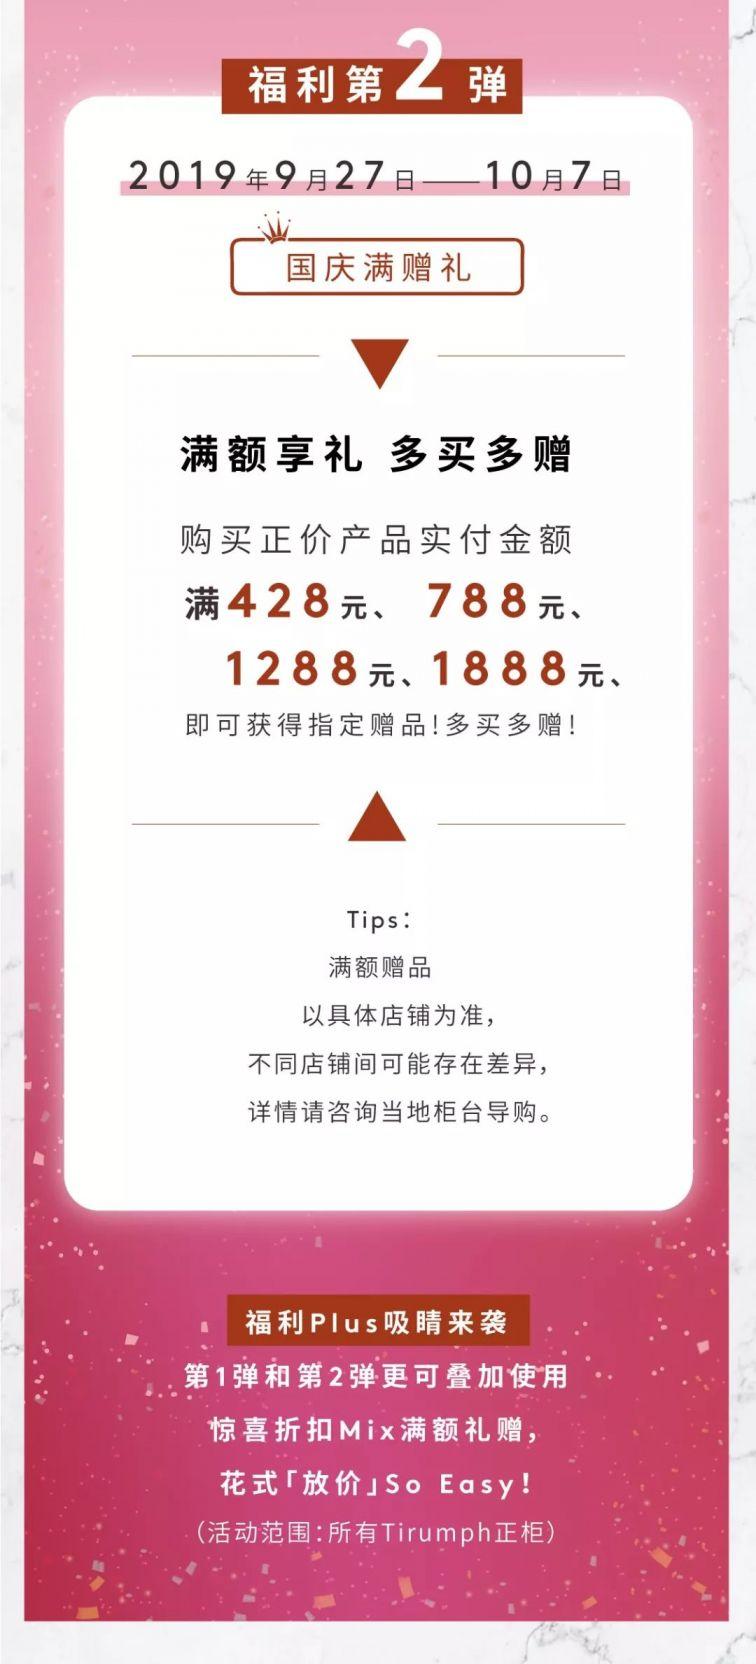 上海太平洋百货黛安芬2019国庆正价产品75折起